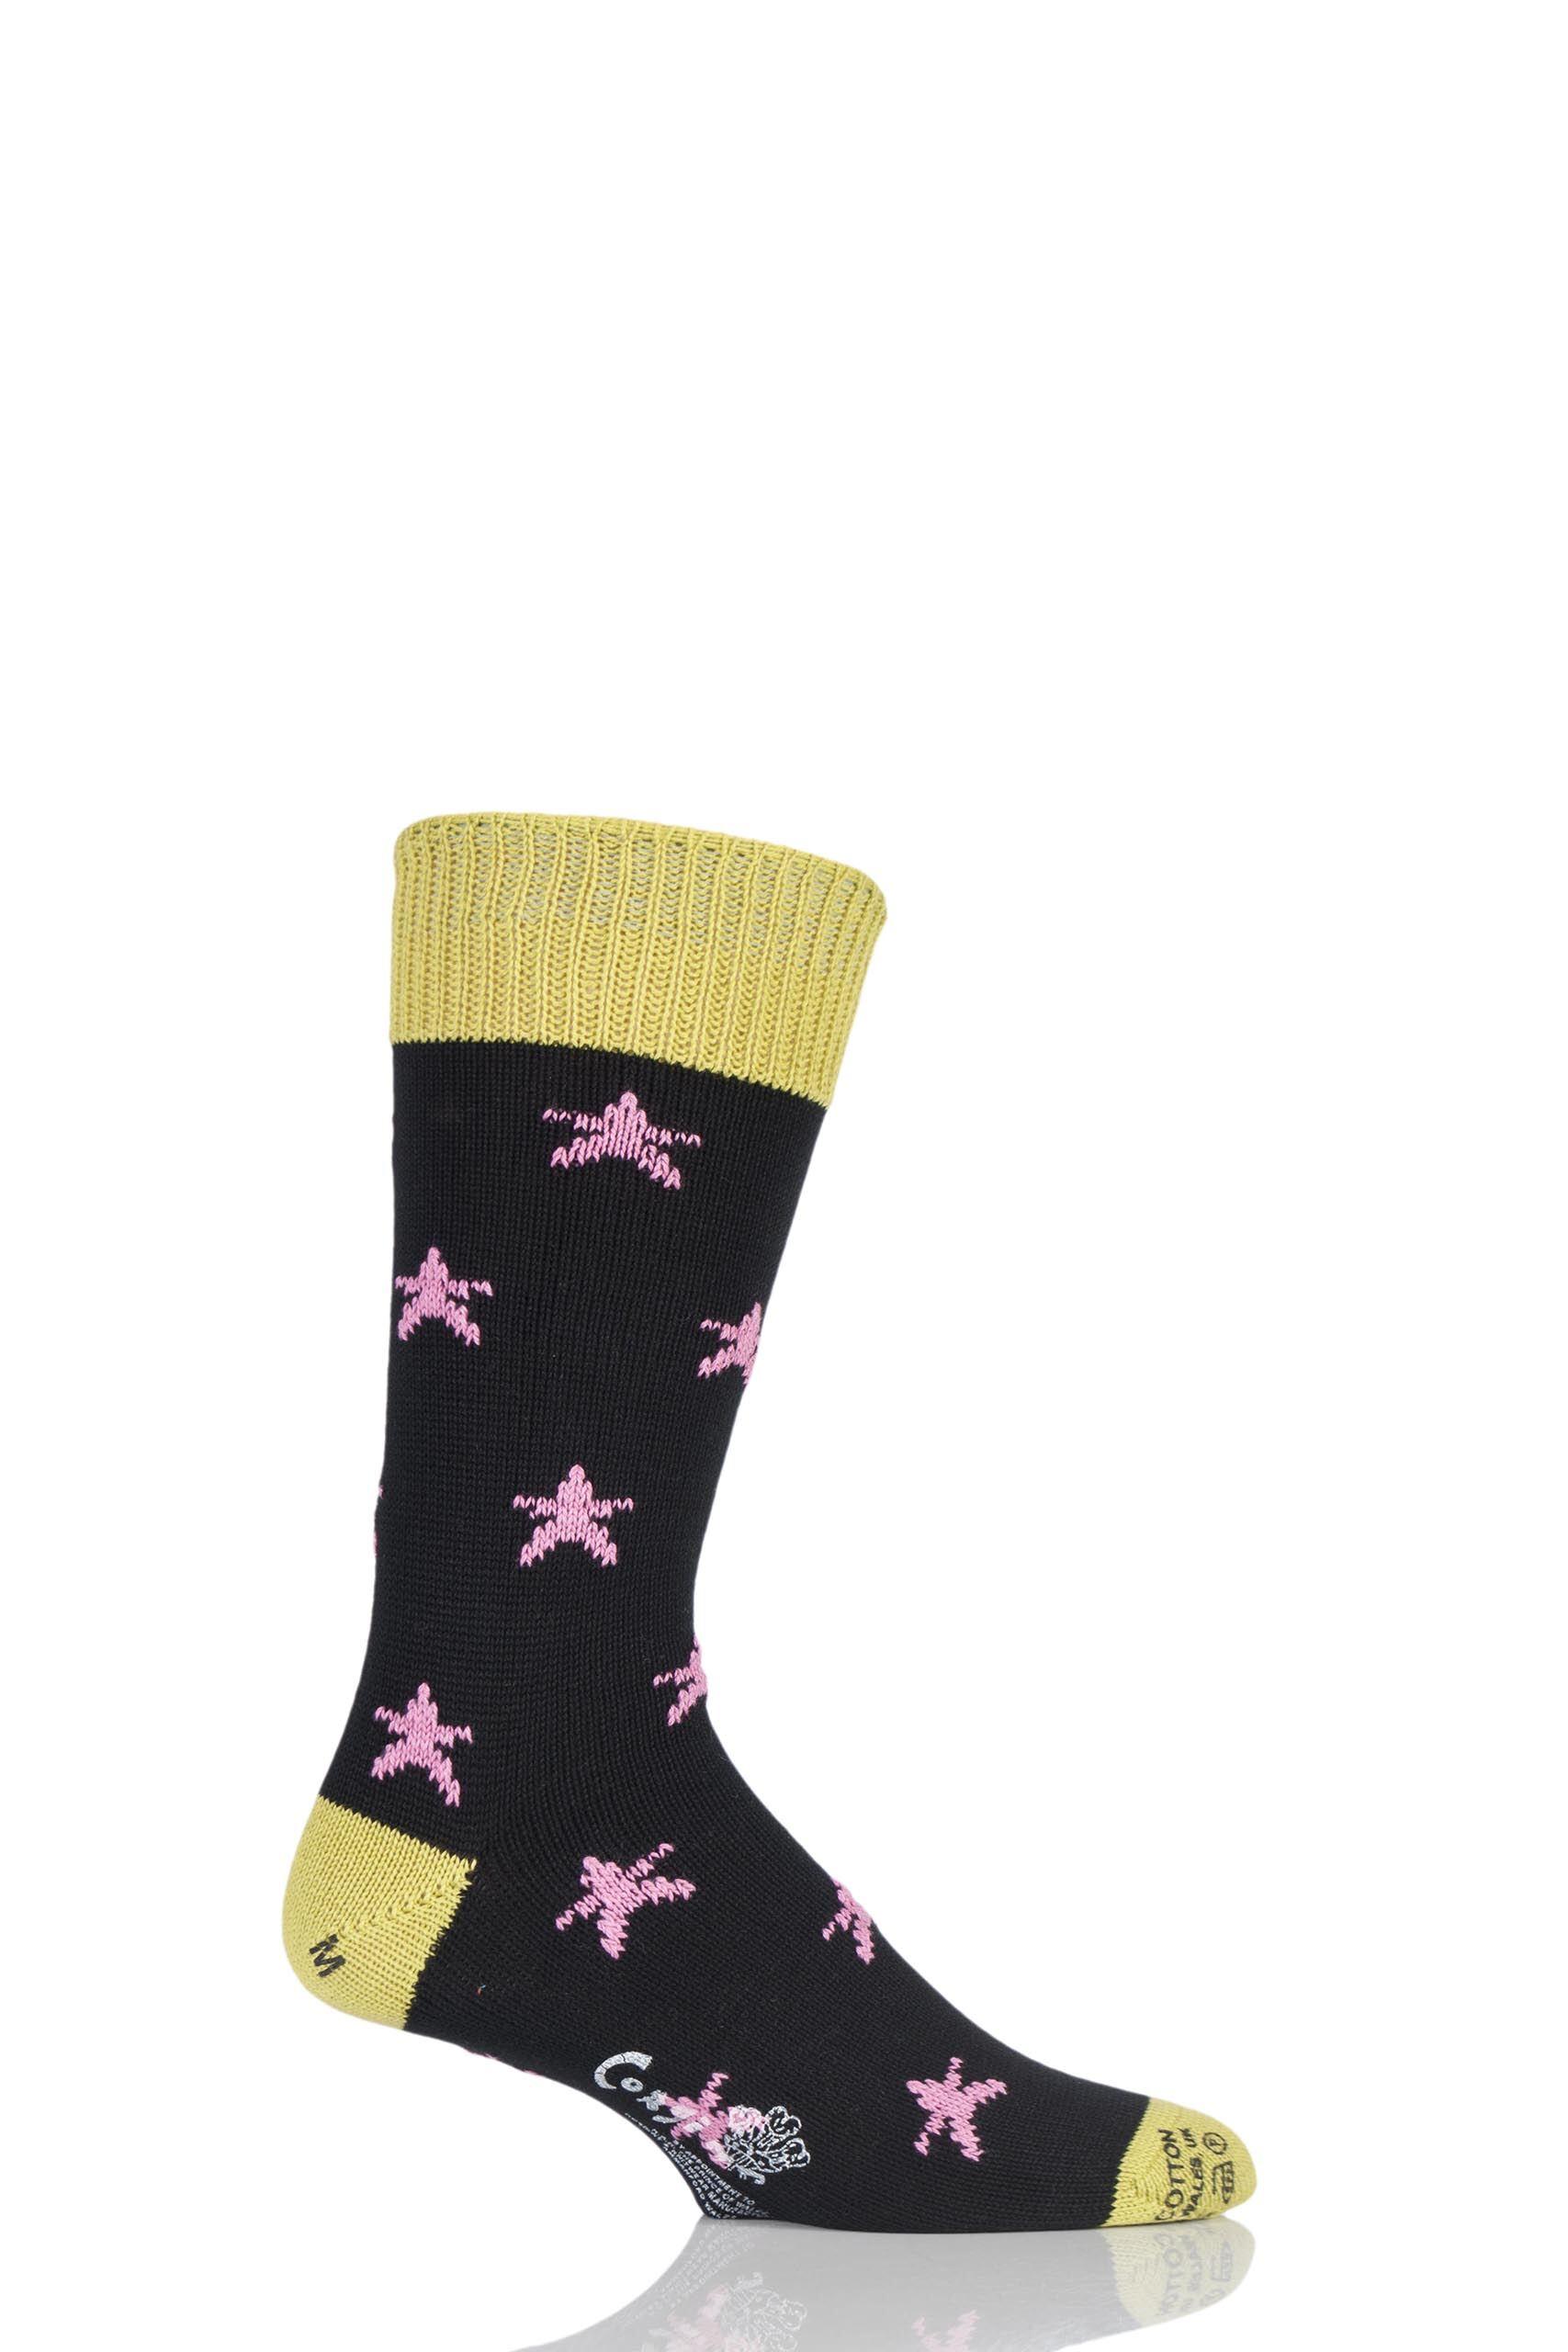 Image of 1 Pair Black 100% Cotton Stars Socks Men's 7-9 Mens - Corgi